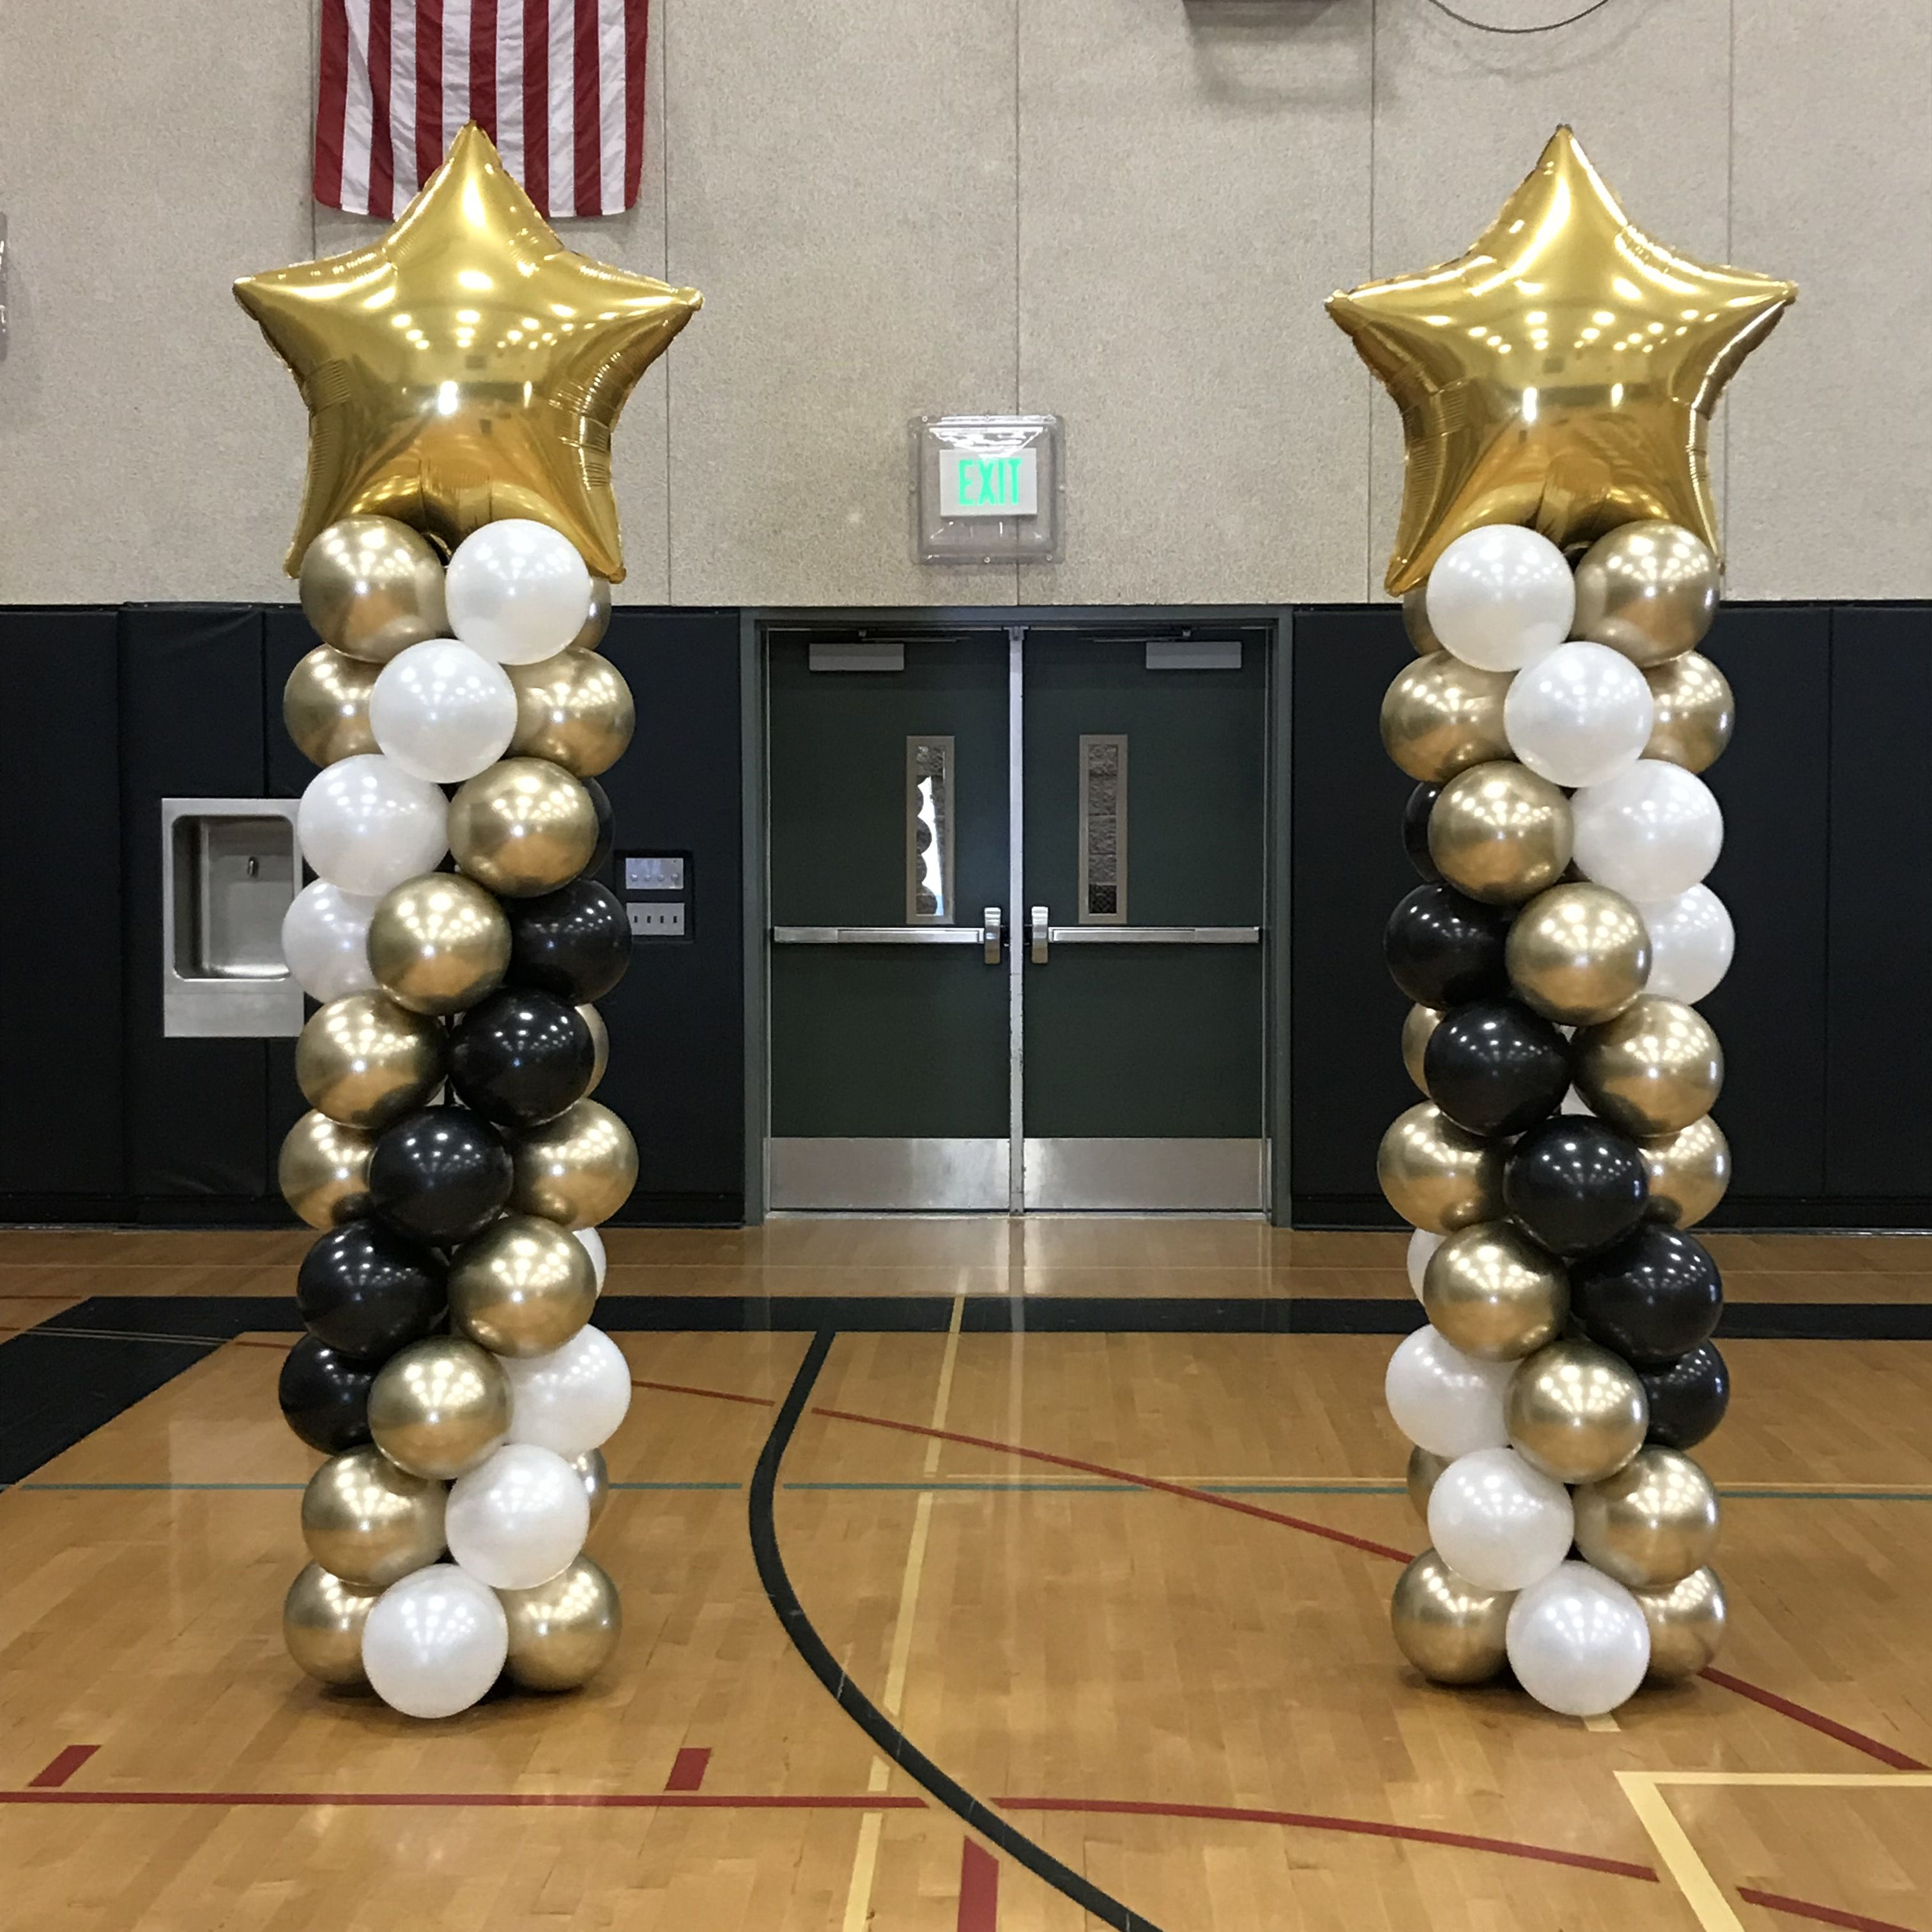 Balloons Columns For A Graduation Balloon Columns Graduation Balloons Balloon Decorations Graduation